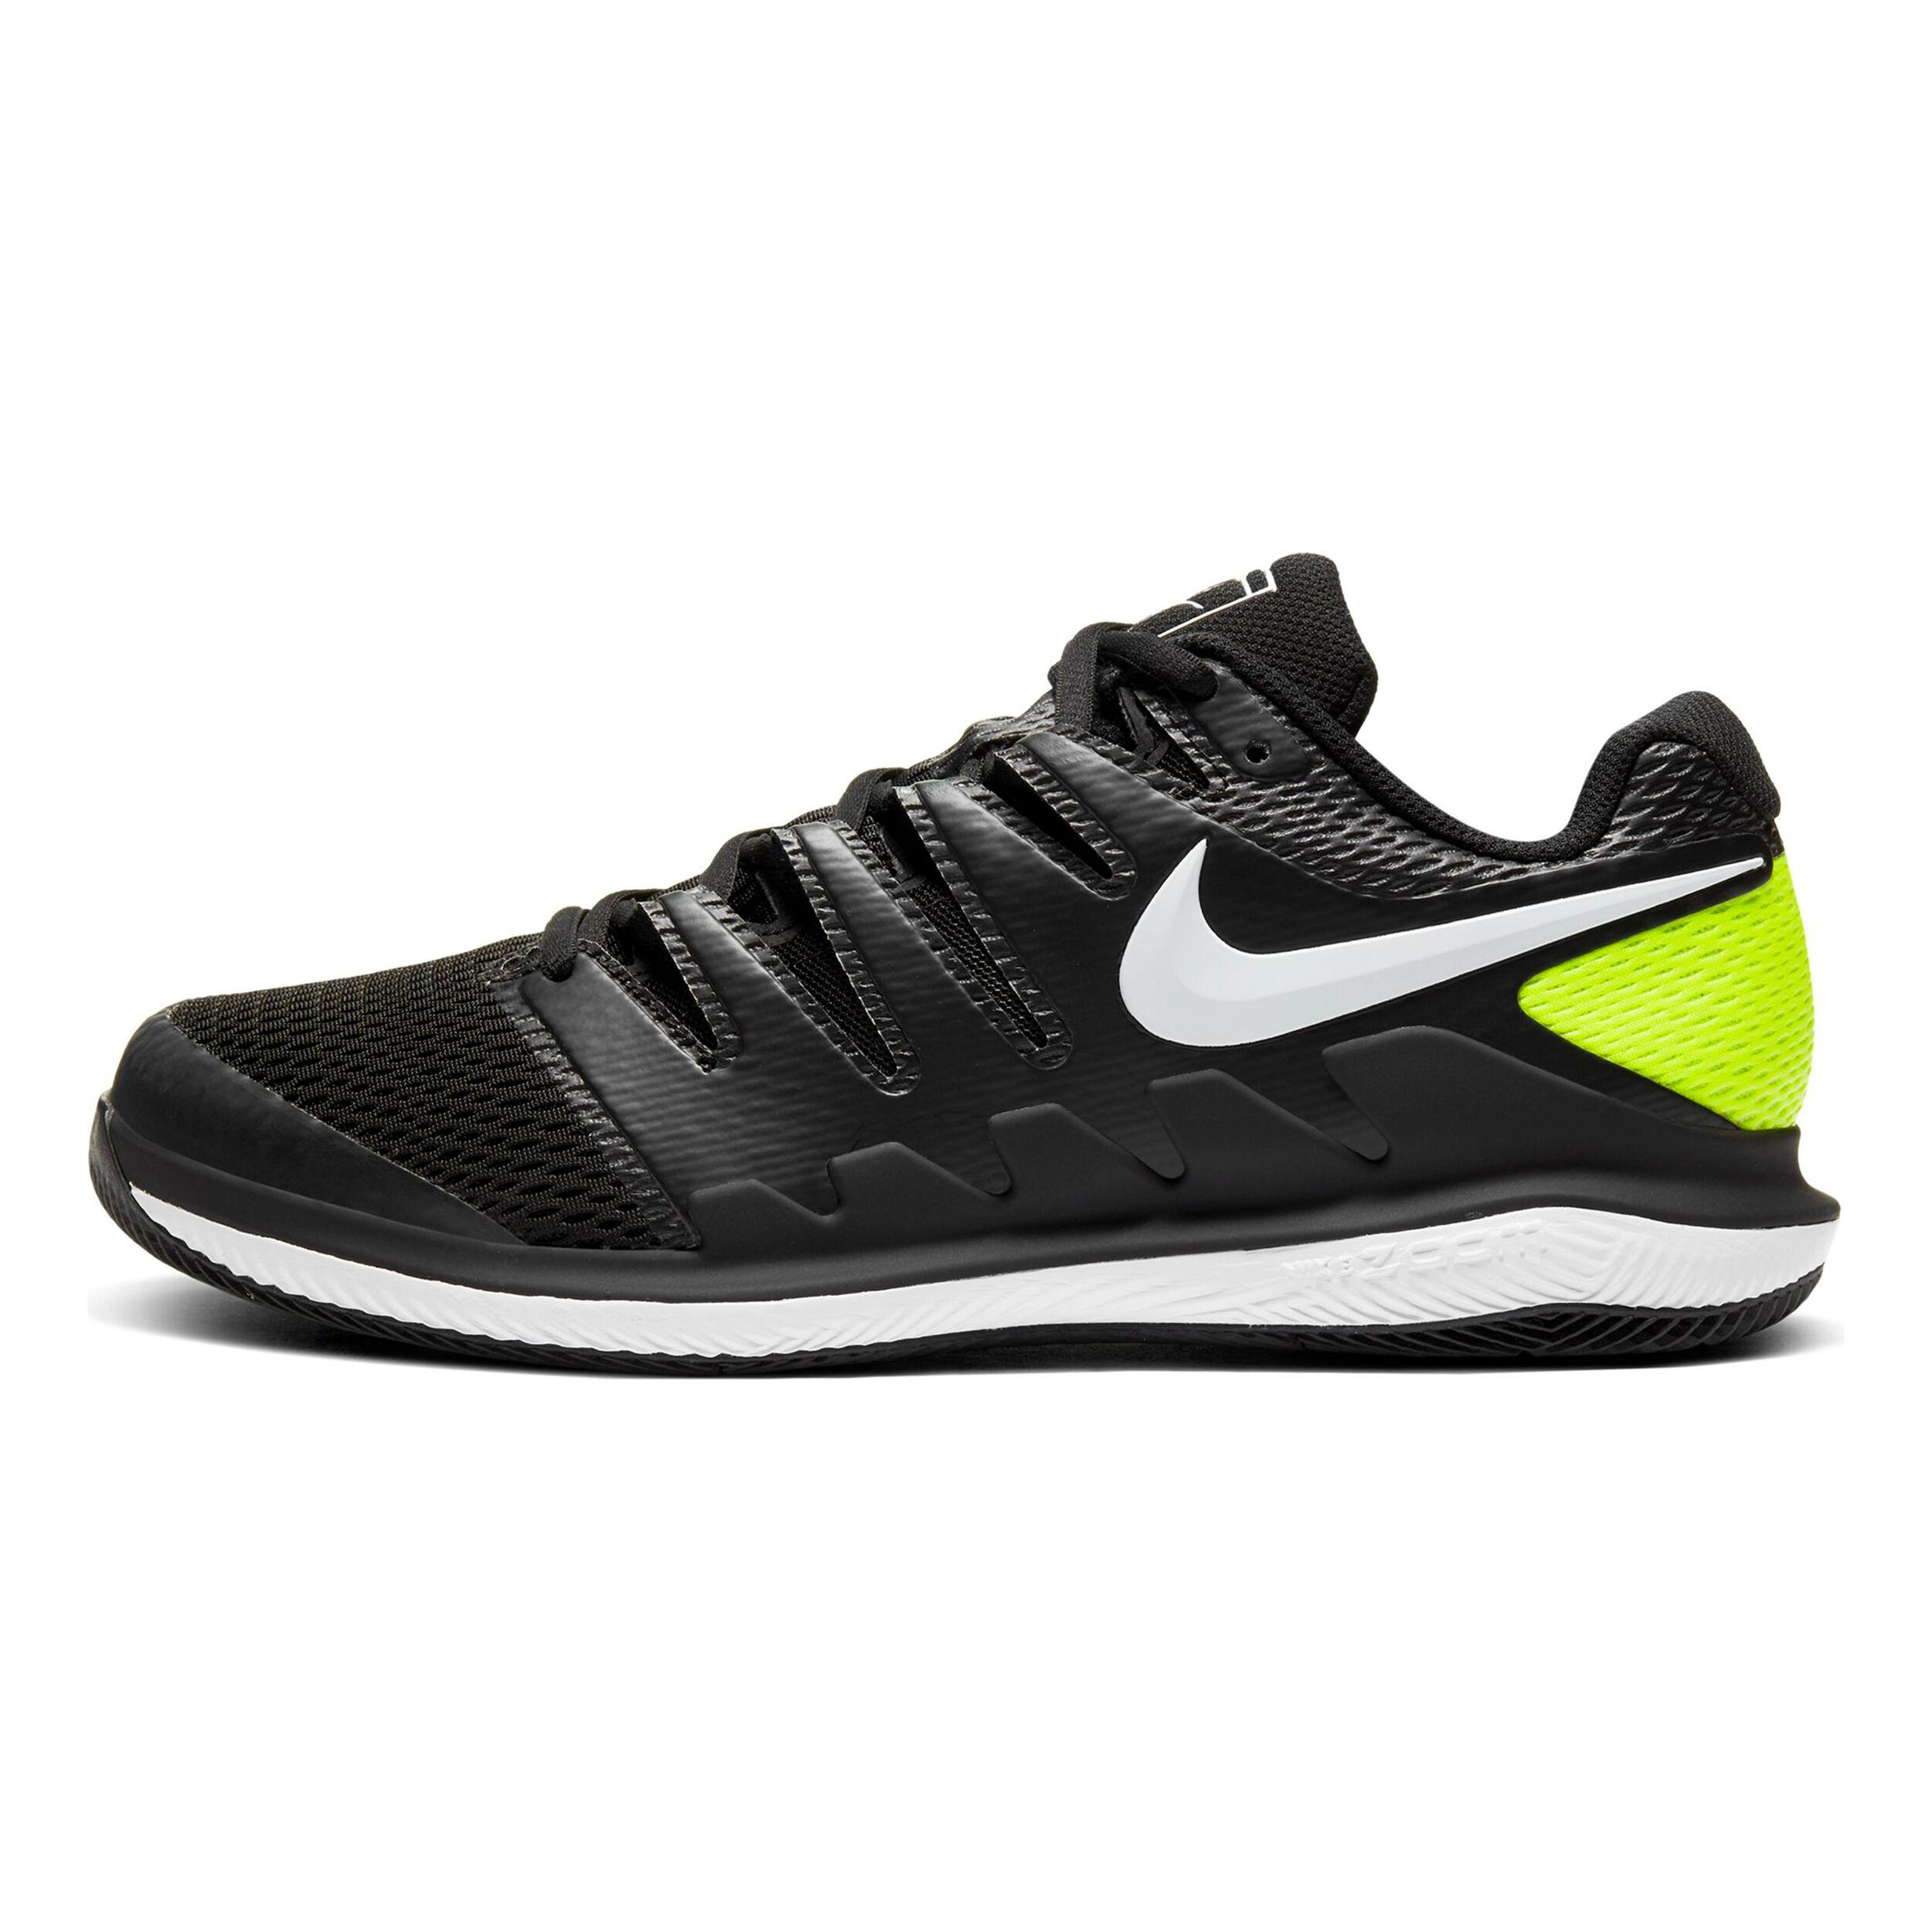 Nike Air Zoom Vapor X Chaussures Toutes Surfaces Hommes - Noir ...